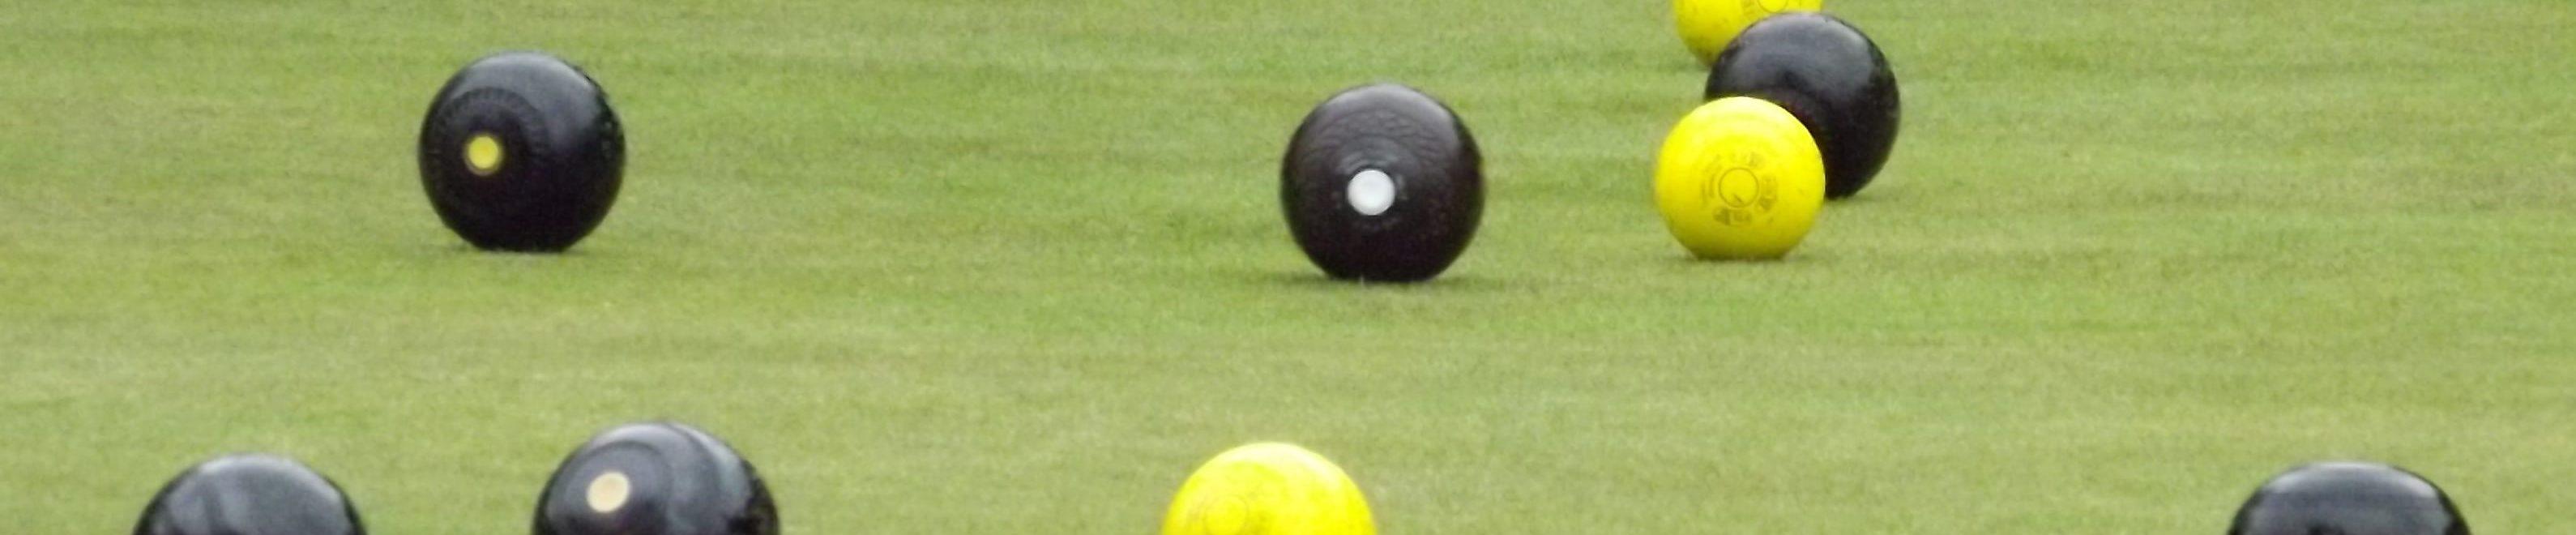 Vardre Deganwy Crown Green Bowling Club